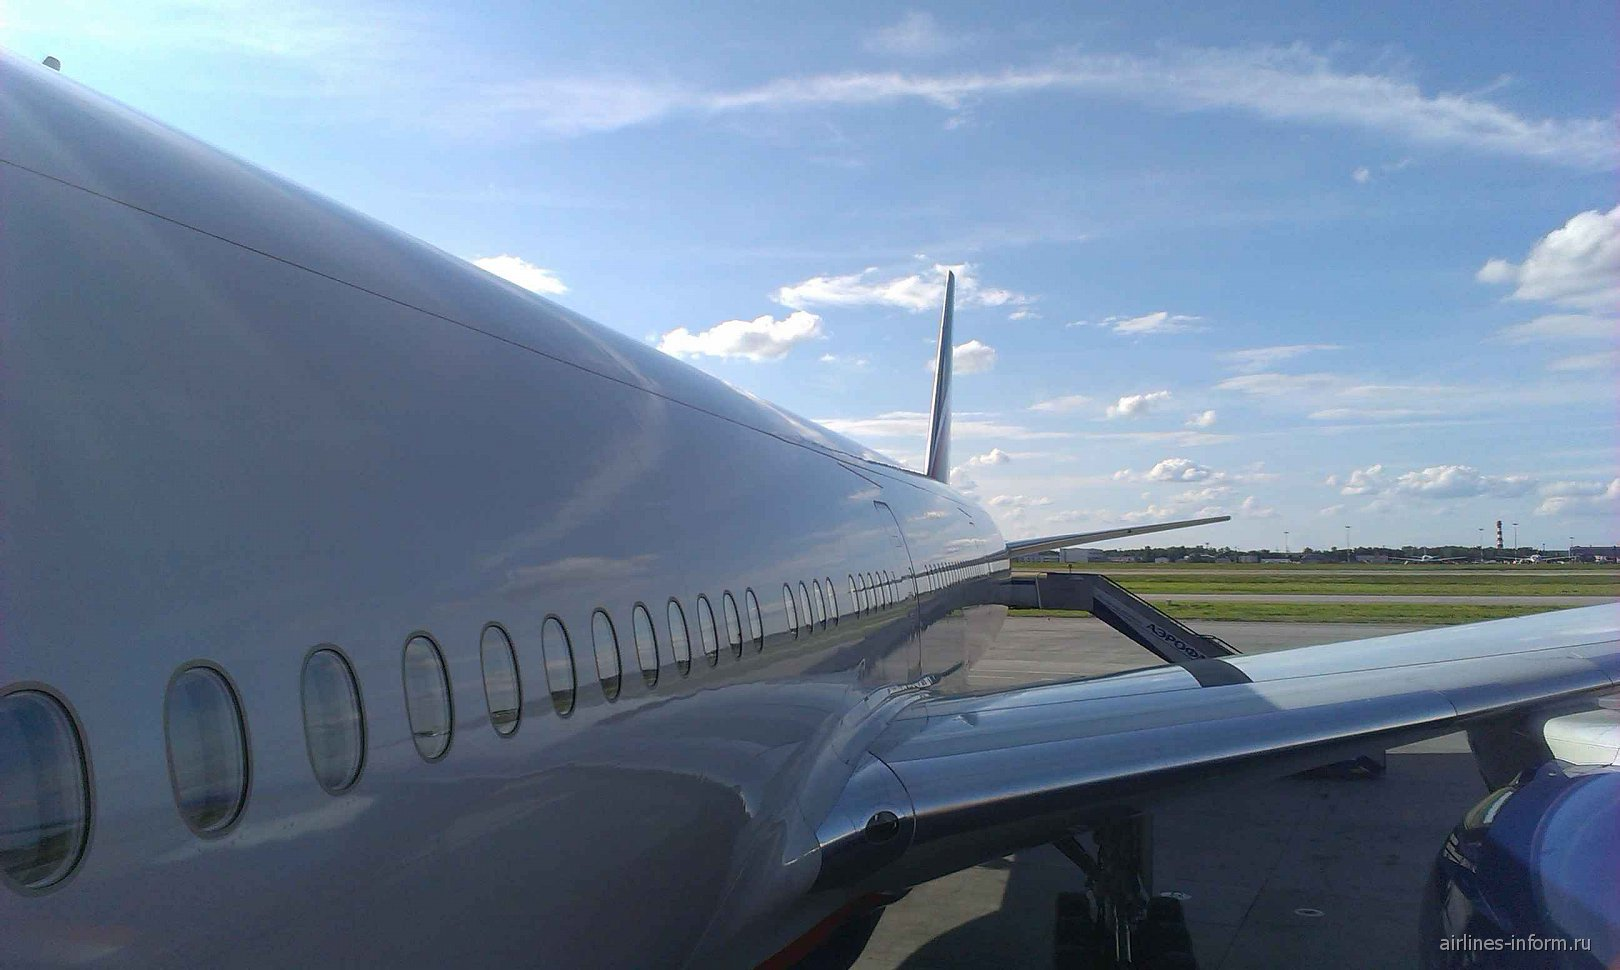 Посадка на рейс Аэрофлота Москва-Петропавловск-Камчатский